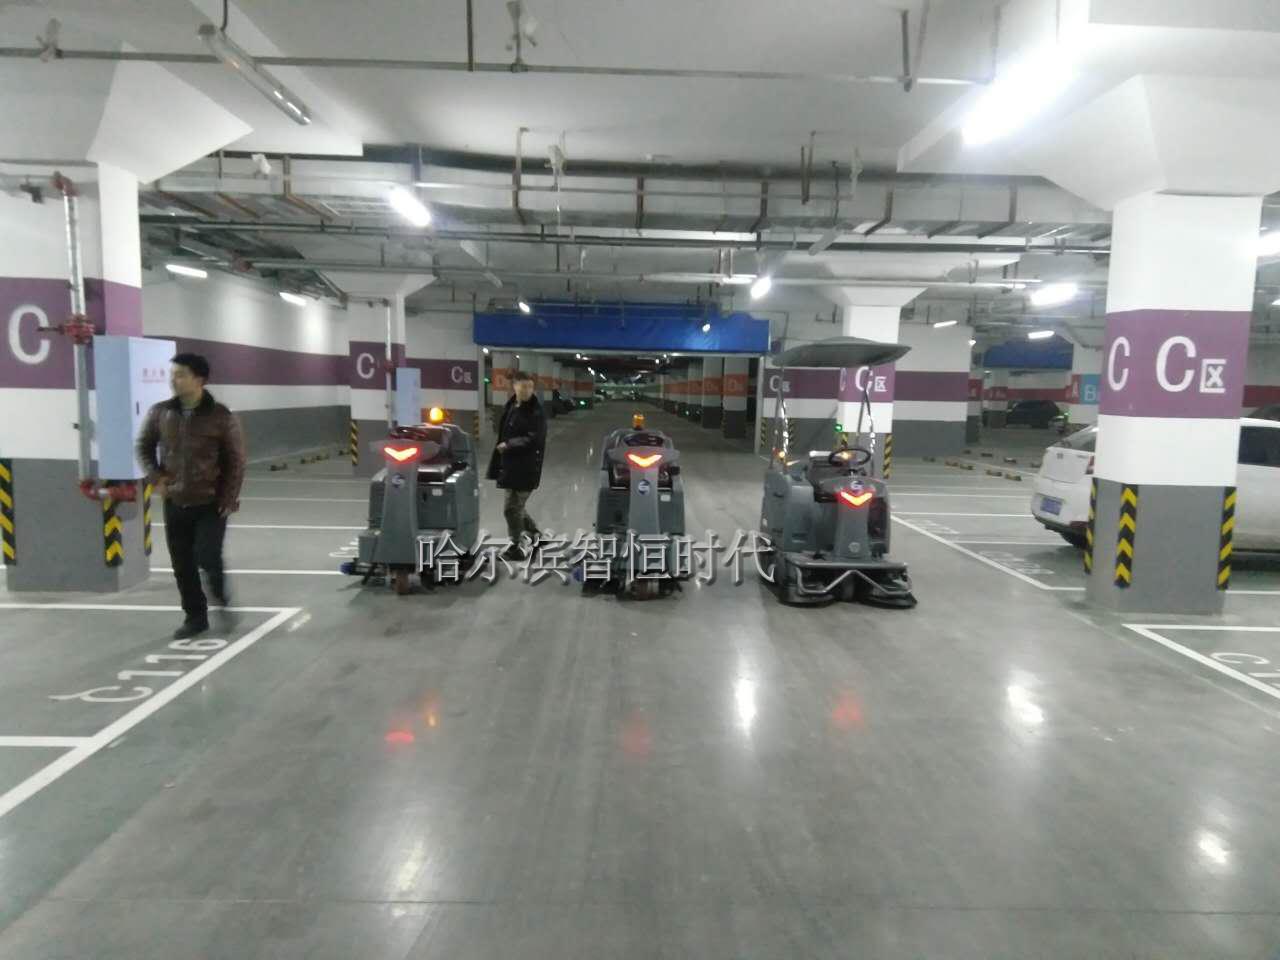 ICE亚博体育app下载阿根廷合作伙伴地下车库清理